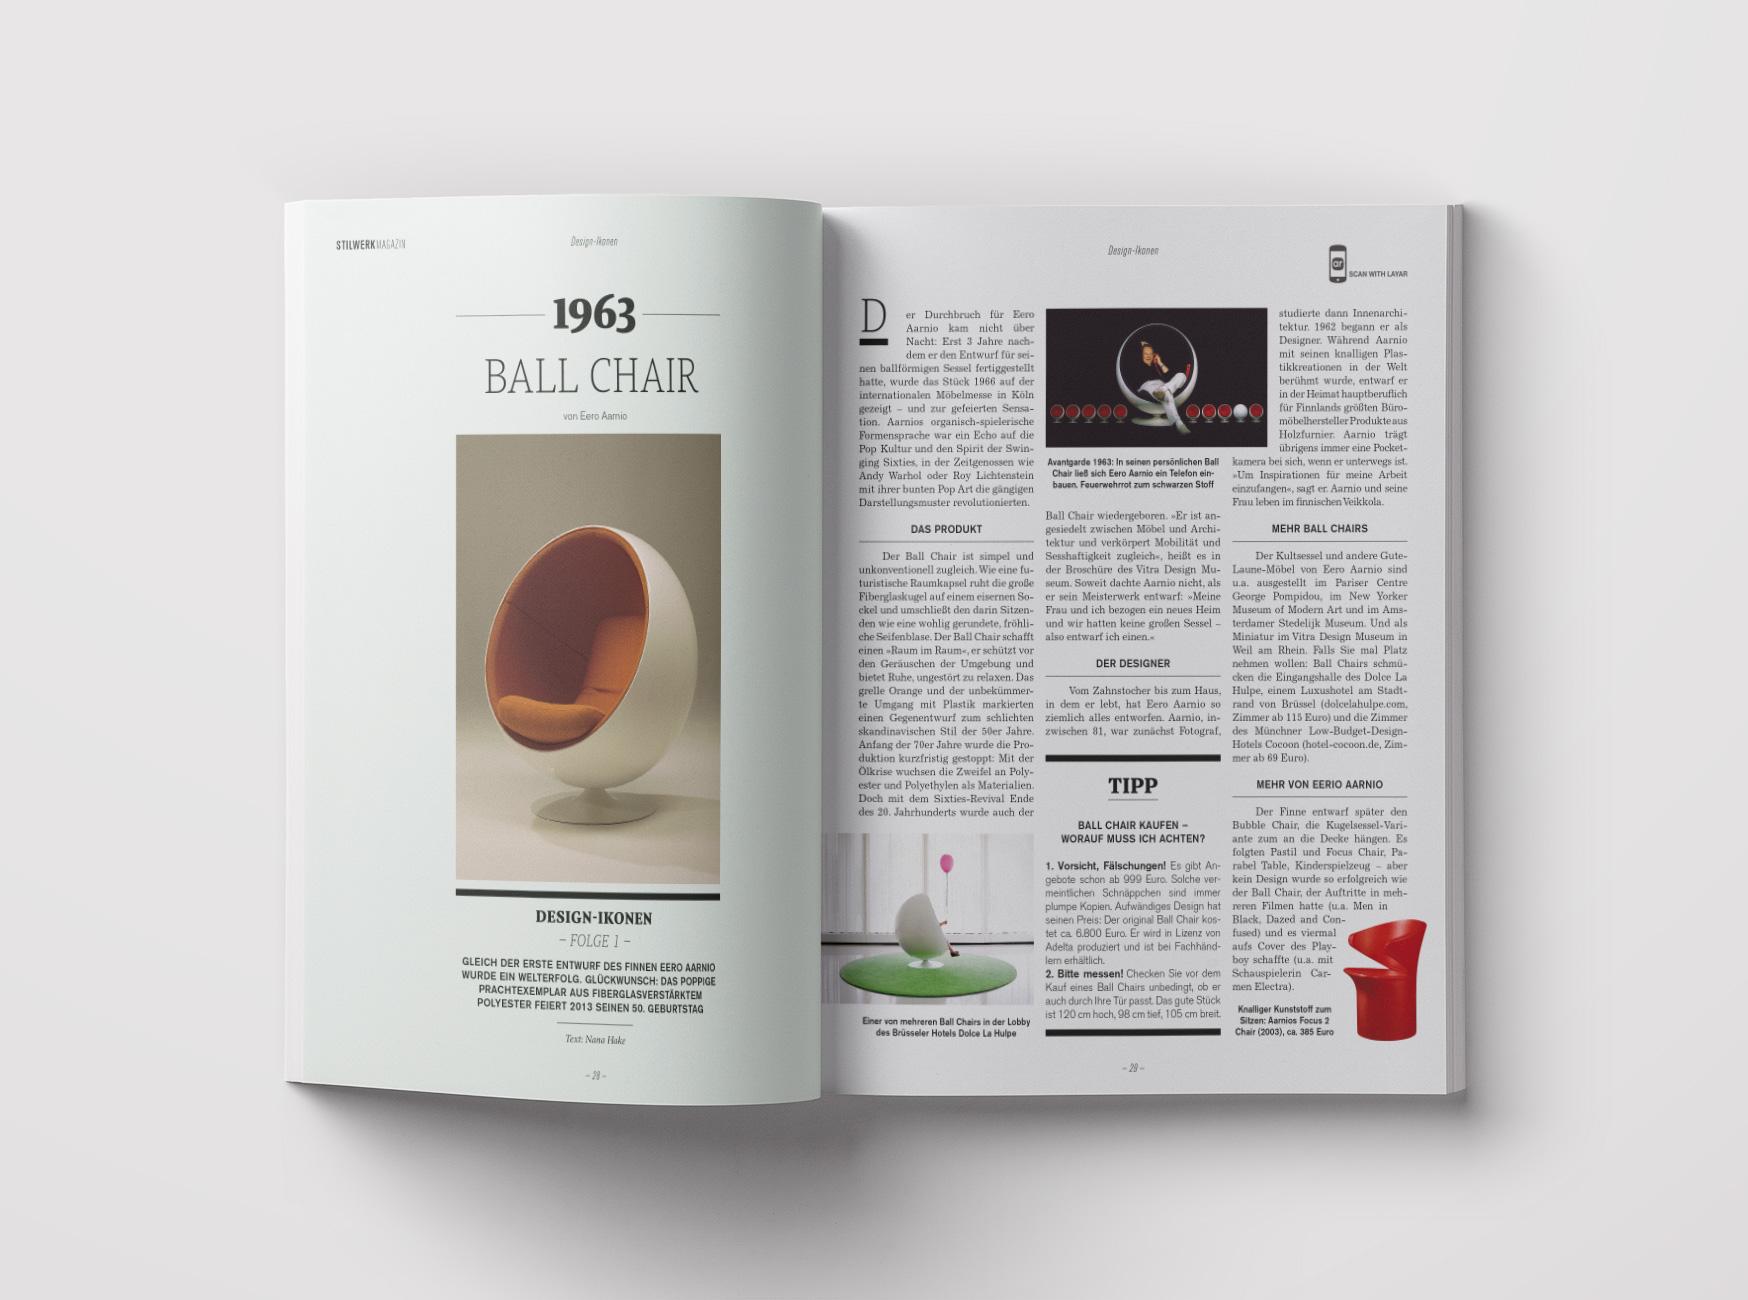 sw_Magazine_4_2013_innen_1170x870px_144dpi_09